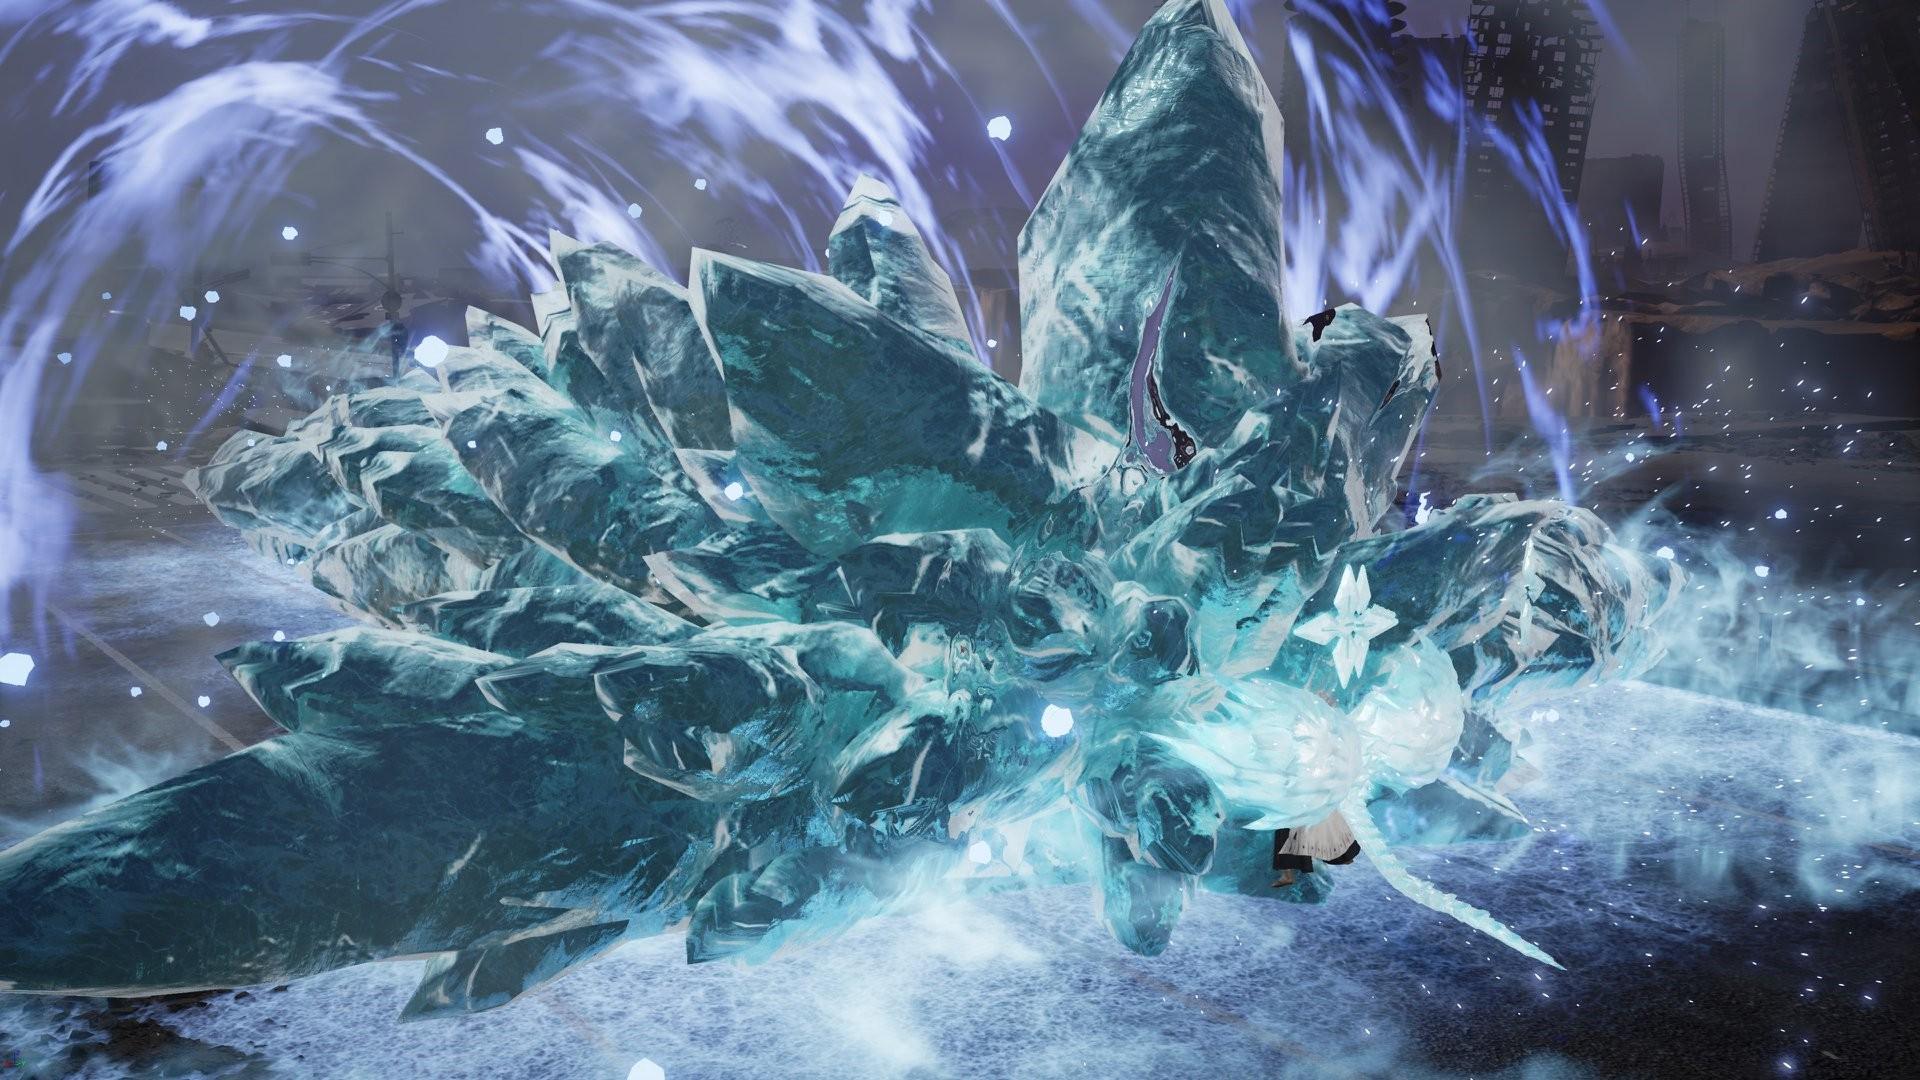 天才少年 《Jump大乱斗》DLC角色日番谷冬狮郎新图